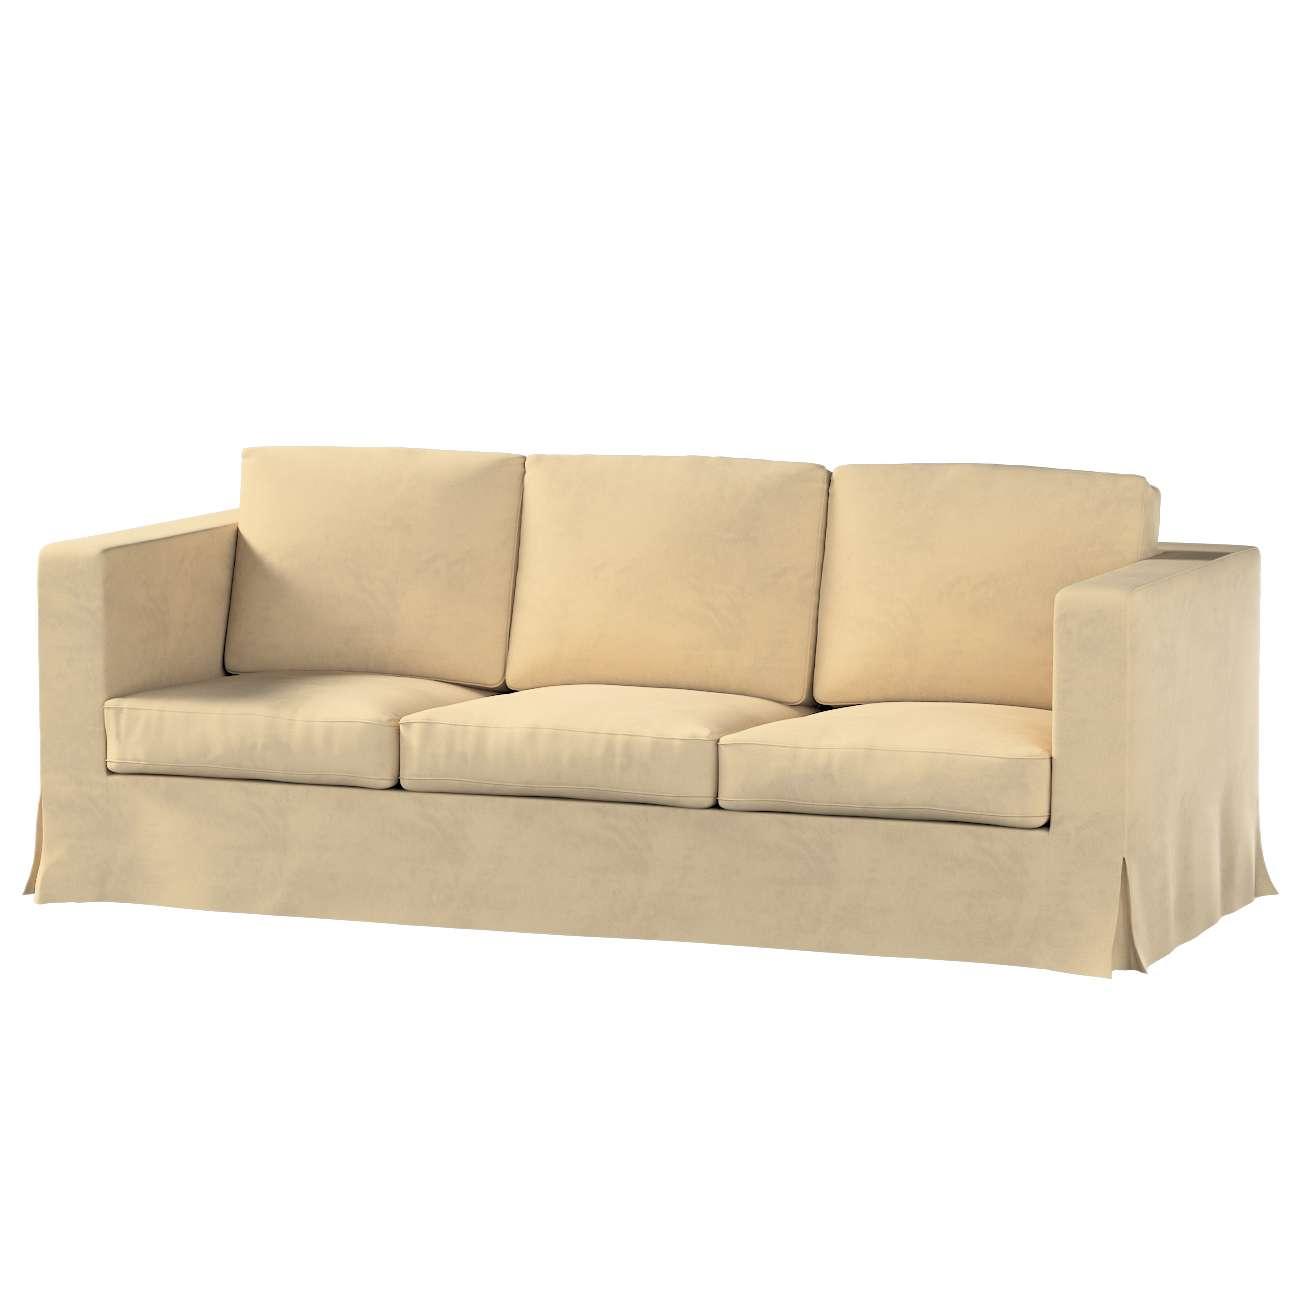 Pokrowiec na sofę Karlanda 3-osobową nierozkładaną, długi w kolekcji Living II, tkanina: 160-82